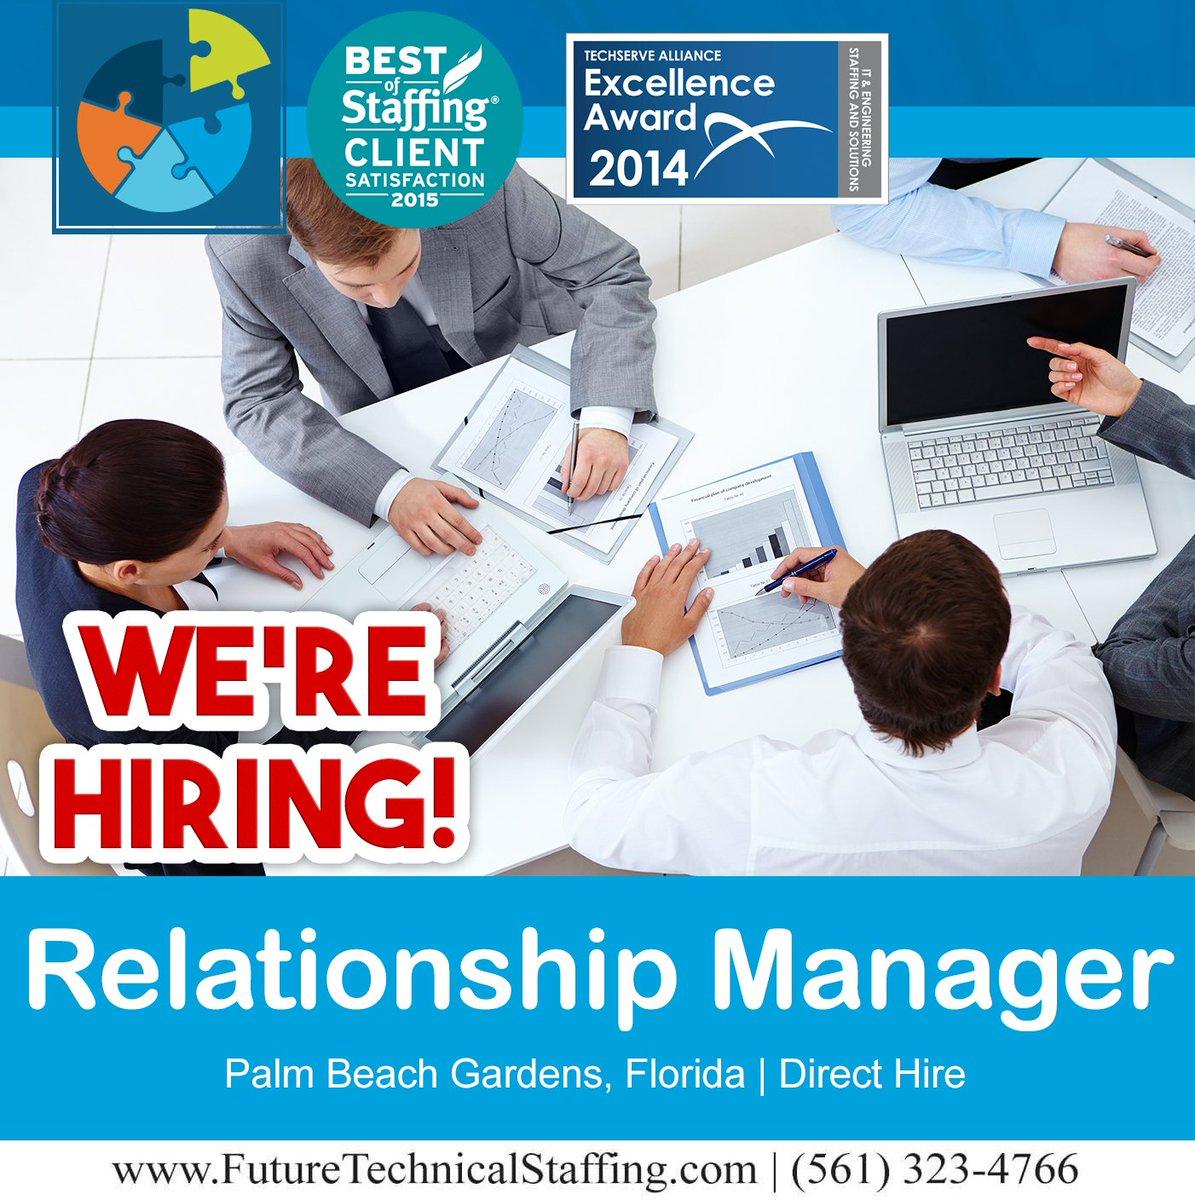 Job Opening: Relationship Manager   Palm Beach Gardens, Florida|Direct Hire  Apply Online U003eu003eu003e Http://futuretechnicalstaffing.com/career_portal/#/jobs/24  U2026